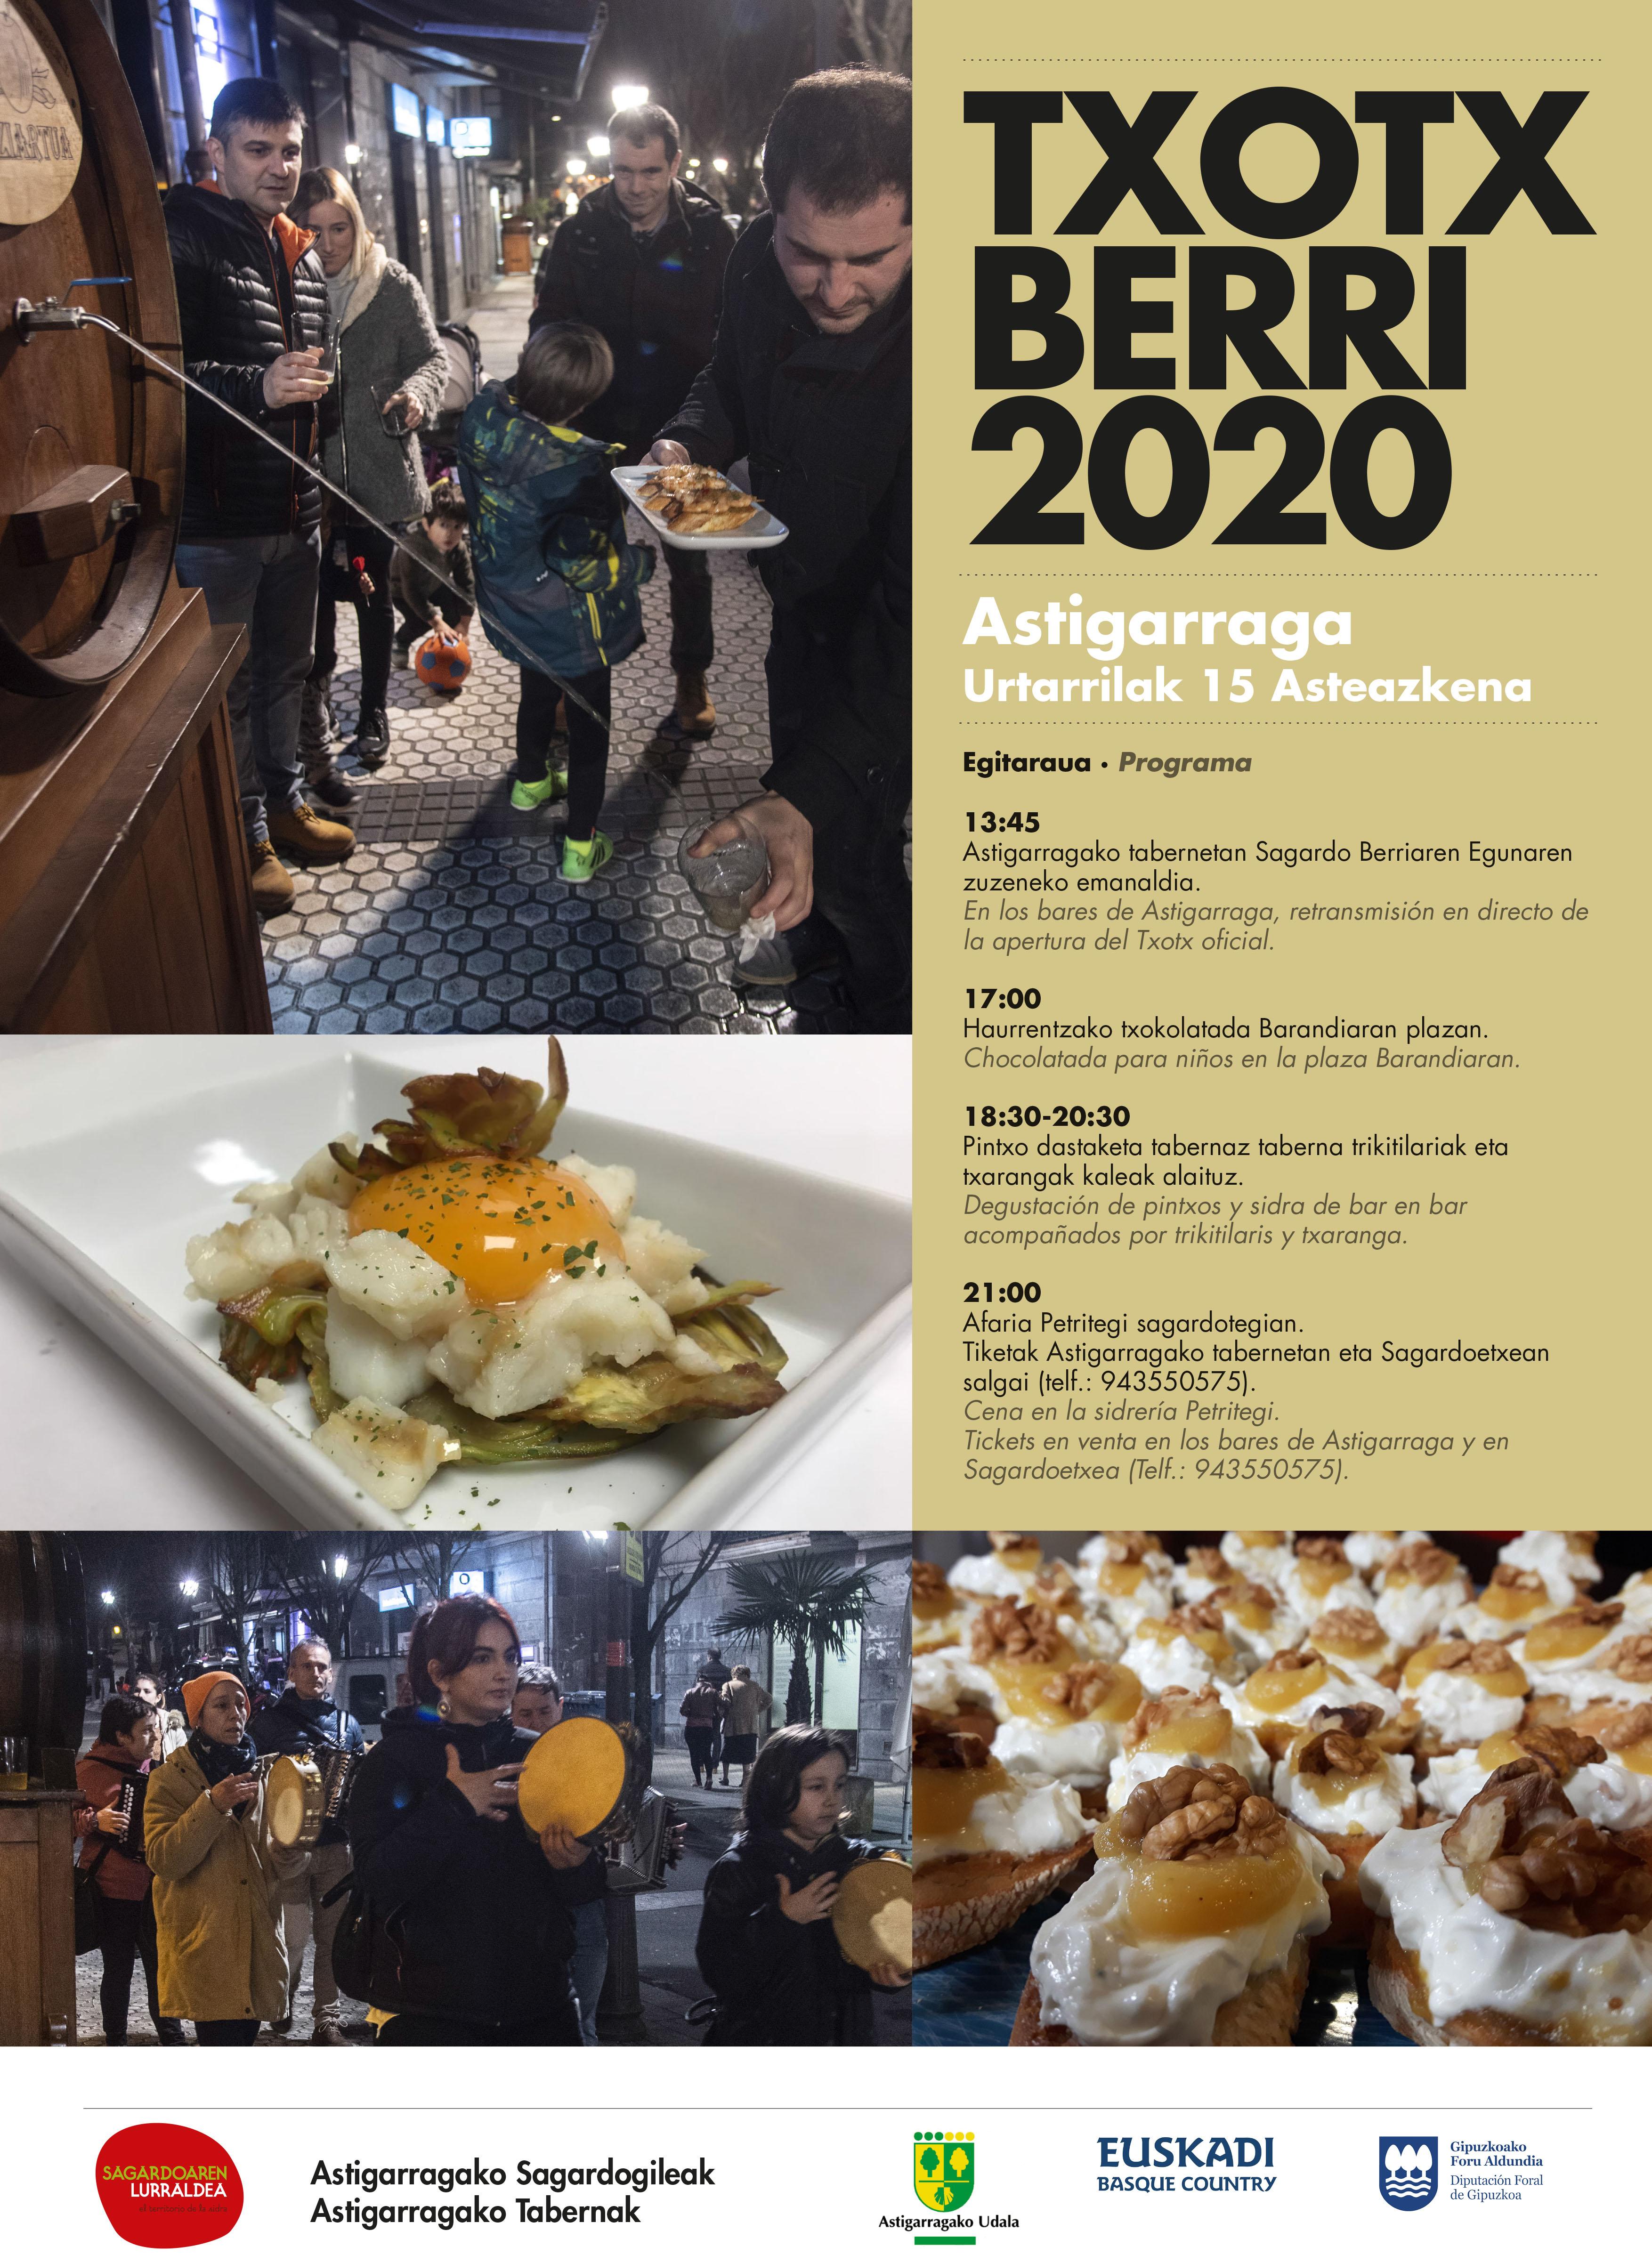 Txotx  Berri  Herrikoia  2020